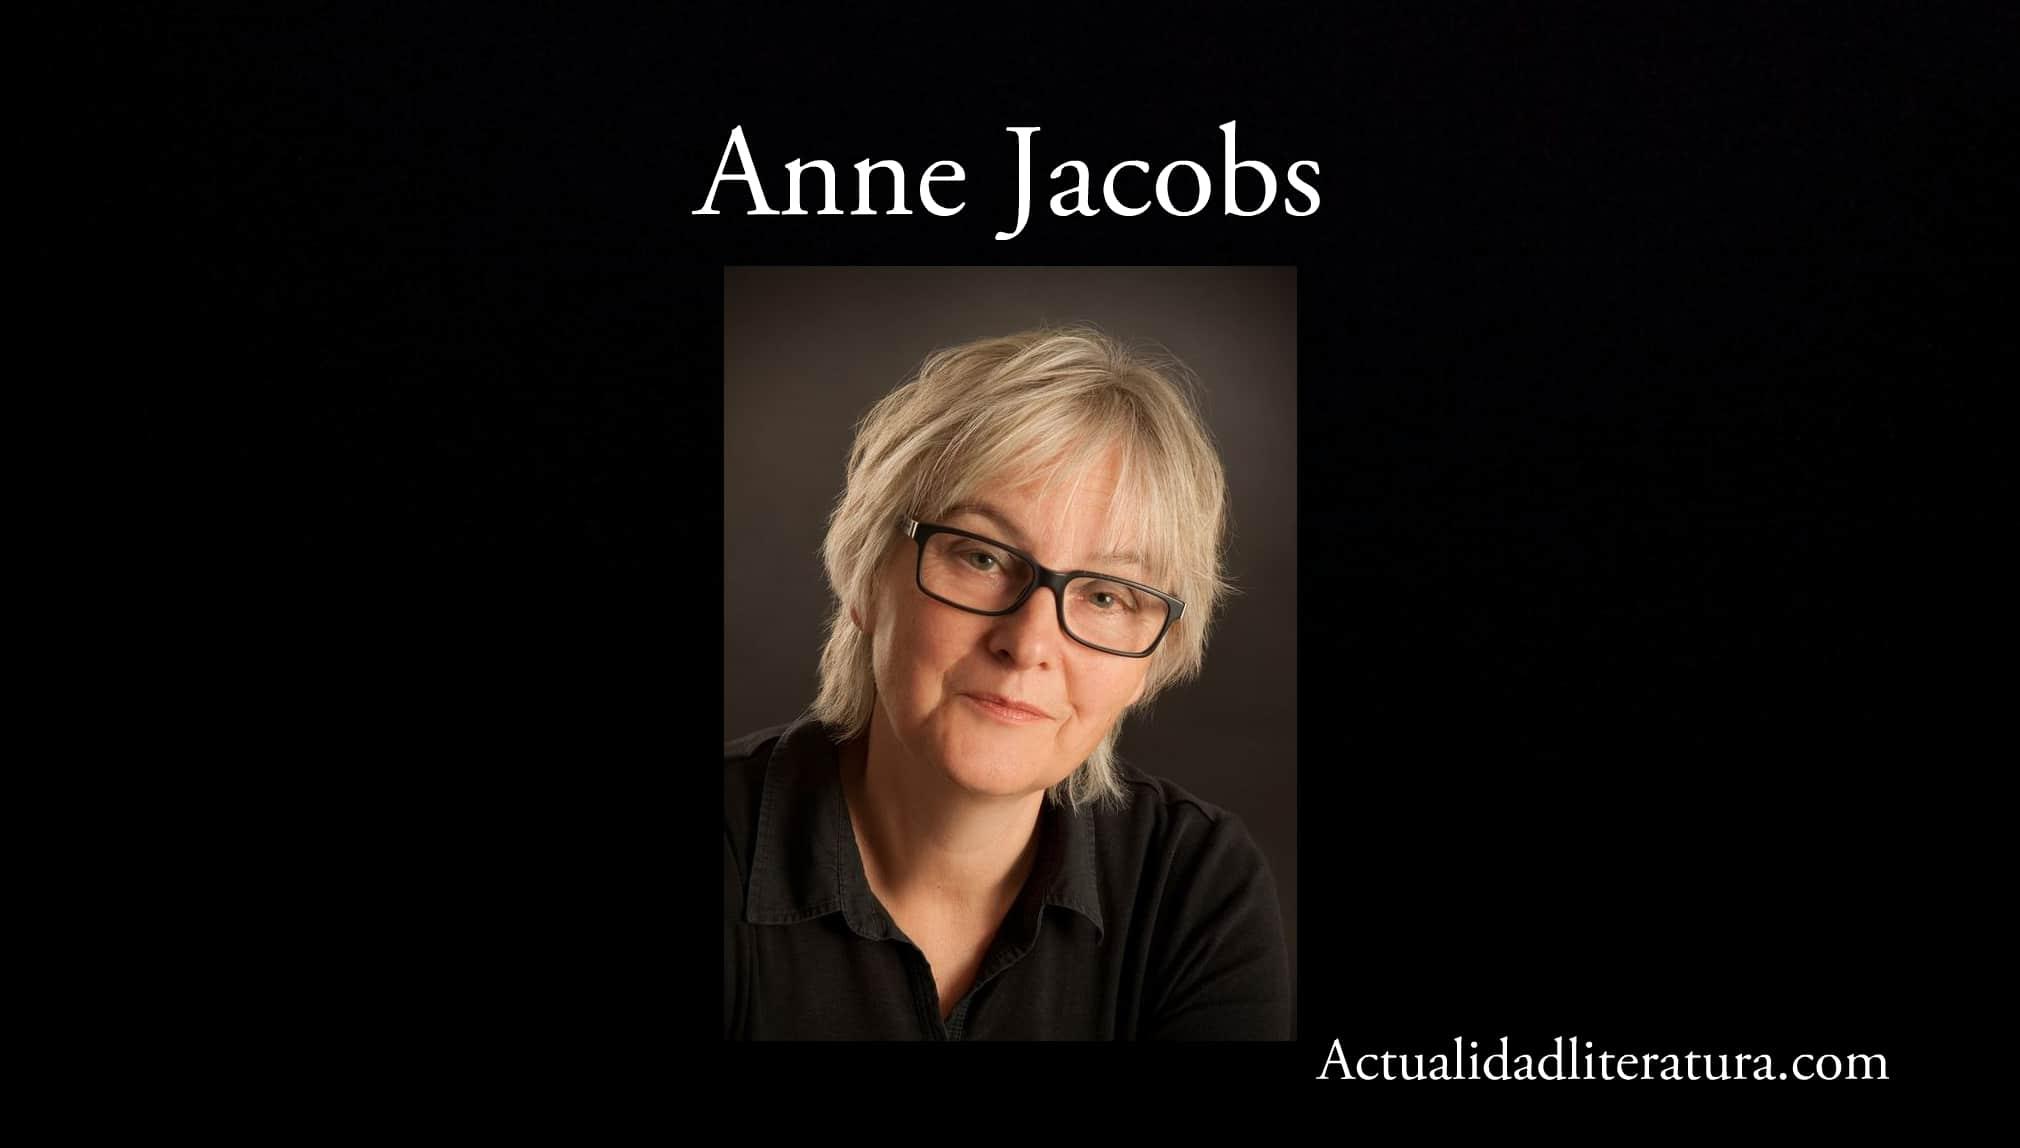 Anne Jacobs.